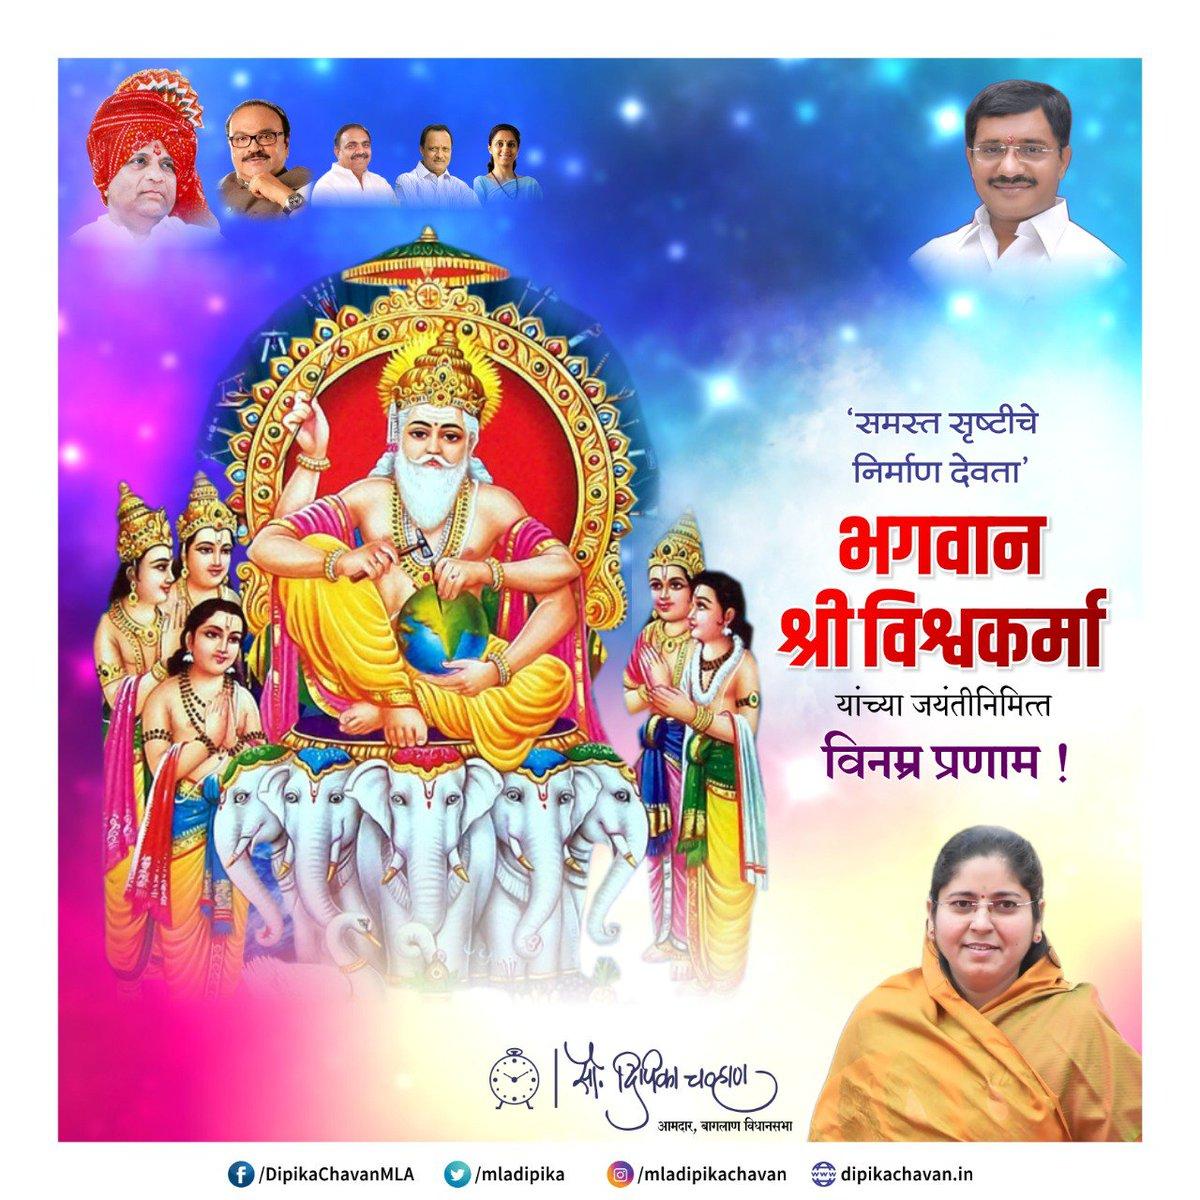 भगवान श्री विश्वकर्मा यांना जयंतीनिमित्त विनम्र प्रणाम ! #VishwakarmaJayanti @NCPspeaks  @ncp_baglan